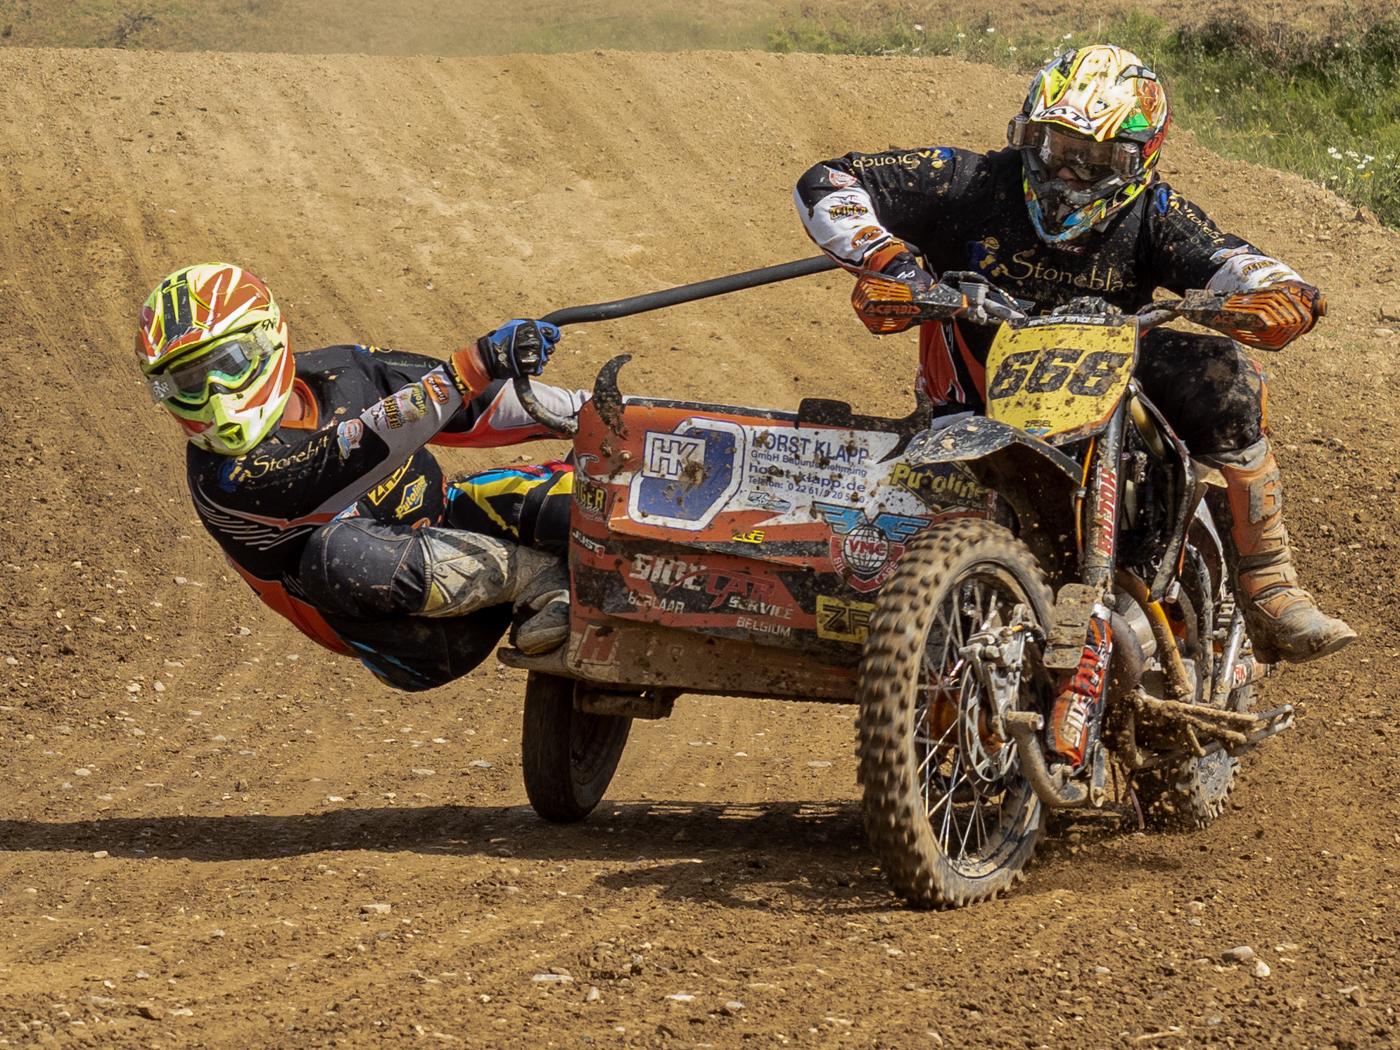 210815-2-Motocross-Ohlenberg-EM5iii-189-506-834